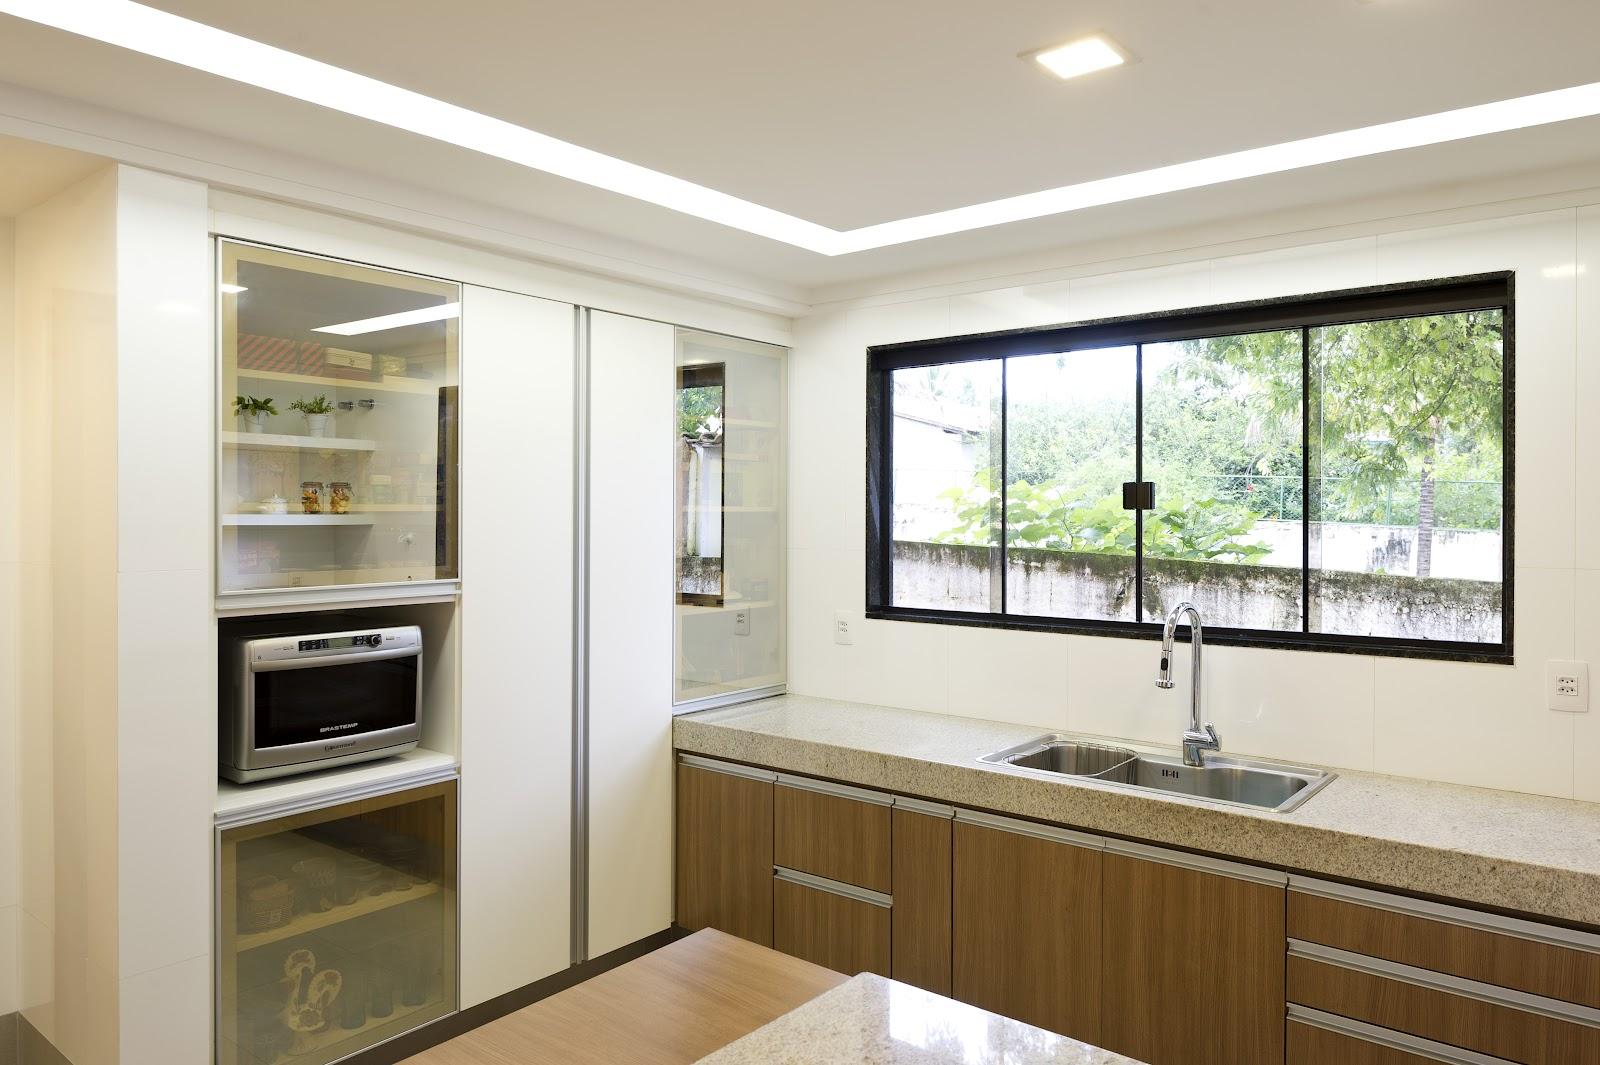 #614724 Projeto Cozinha Sr. Yuki Mukai 1600x1065 px Projeto Da Cozinha Virtual_862 Imagens